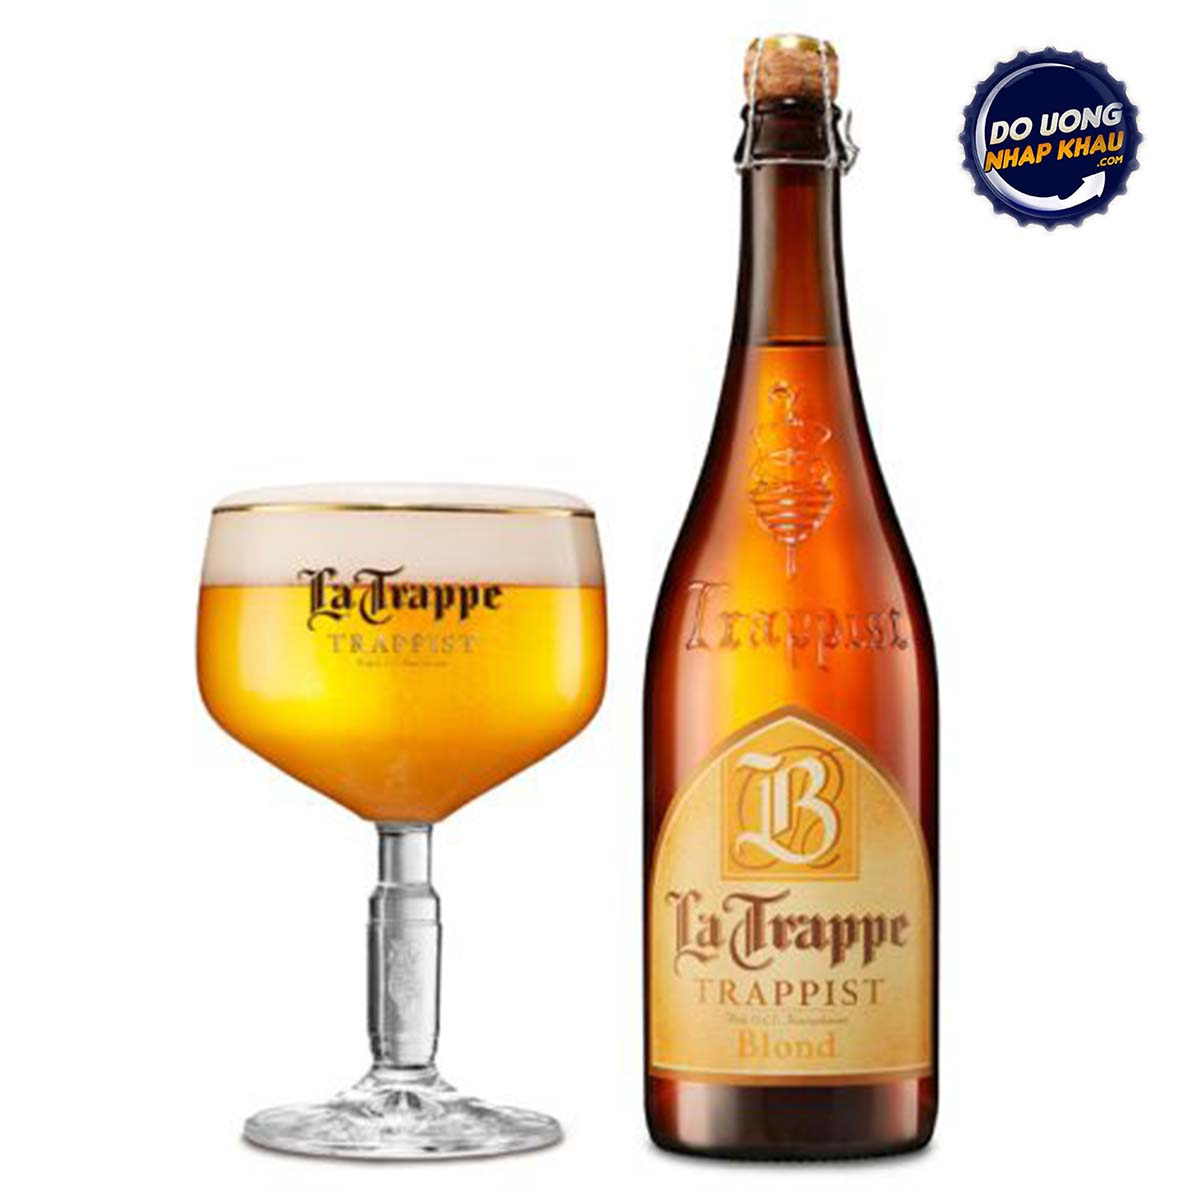 Bia La Trappe Trappist Blond 6% Hà Lan